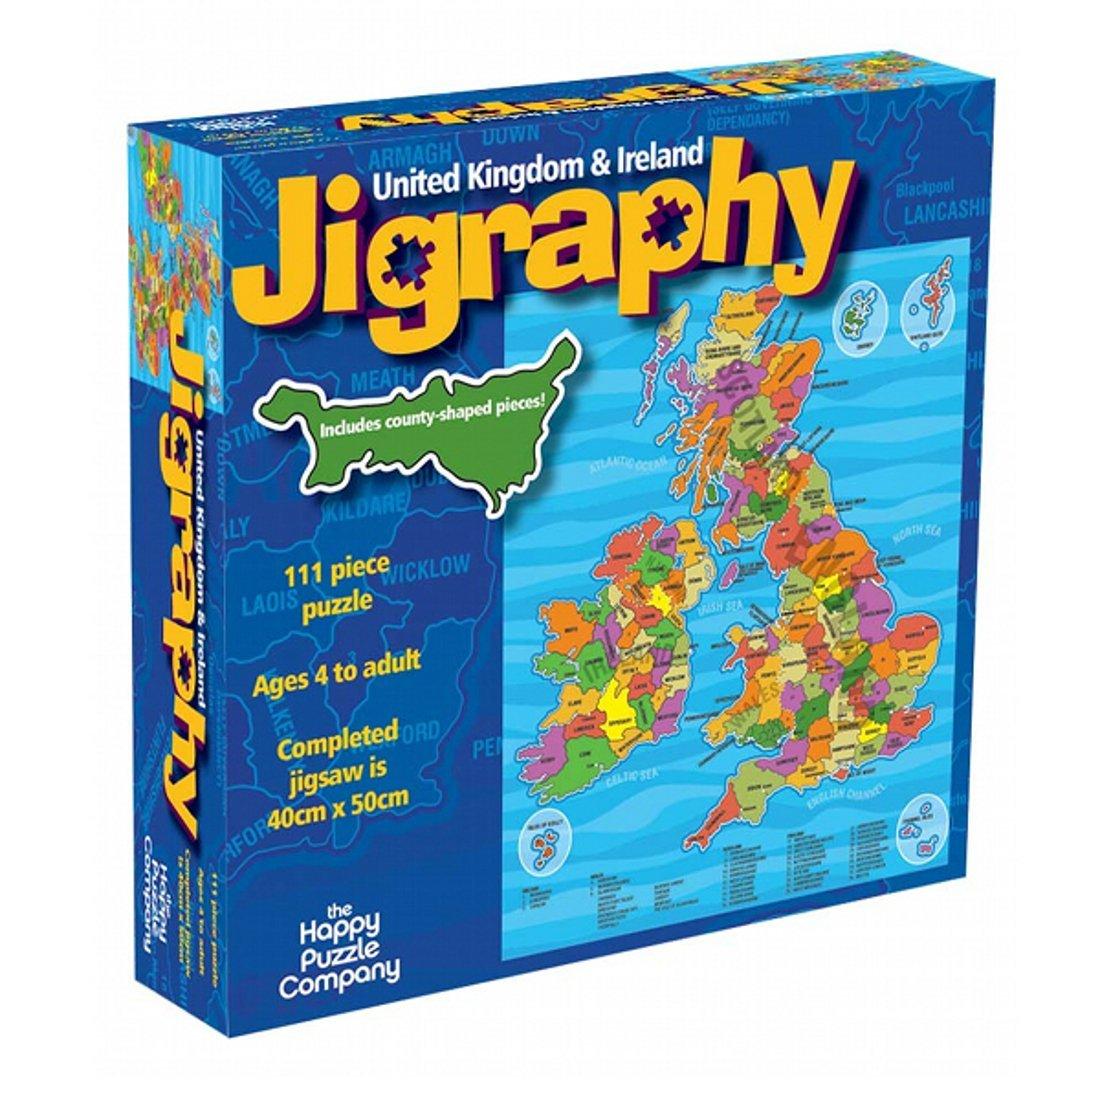 Jigraphy united kingdom ireland amazing uk map jigsaw puzzle jigraphy united kingdom ireland amazing uk map jigsaw puzzle by the happy puzzle company 100 pieces amazon toys games gumiabroncs Images